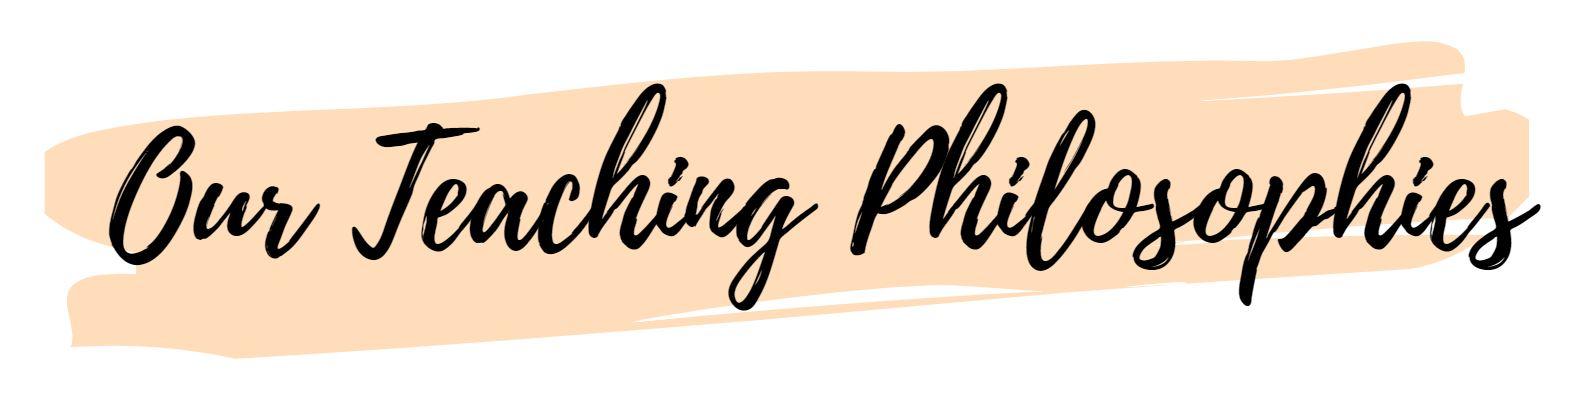 Teaching philosophies.JPG